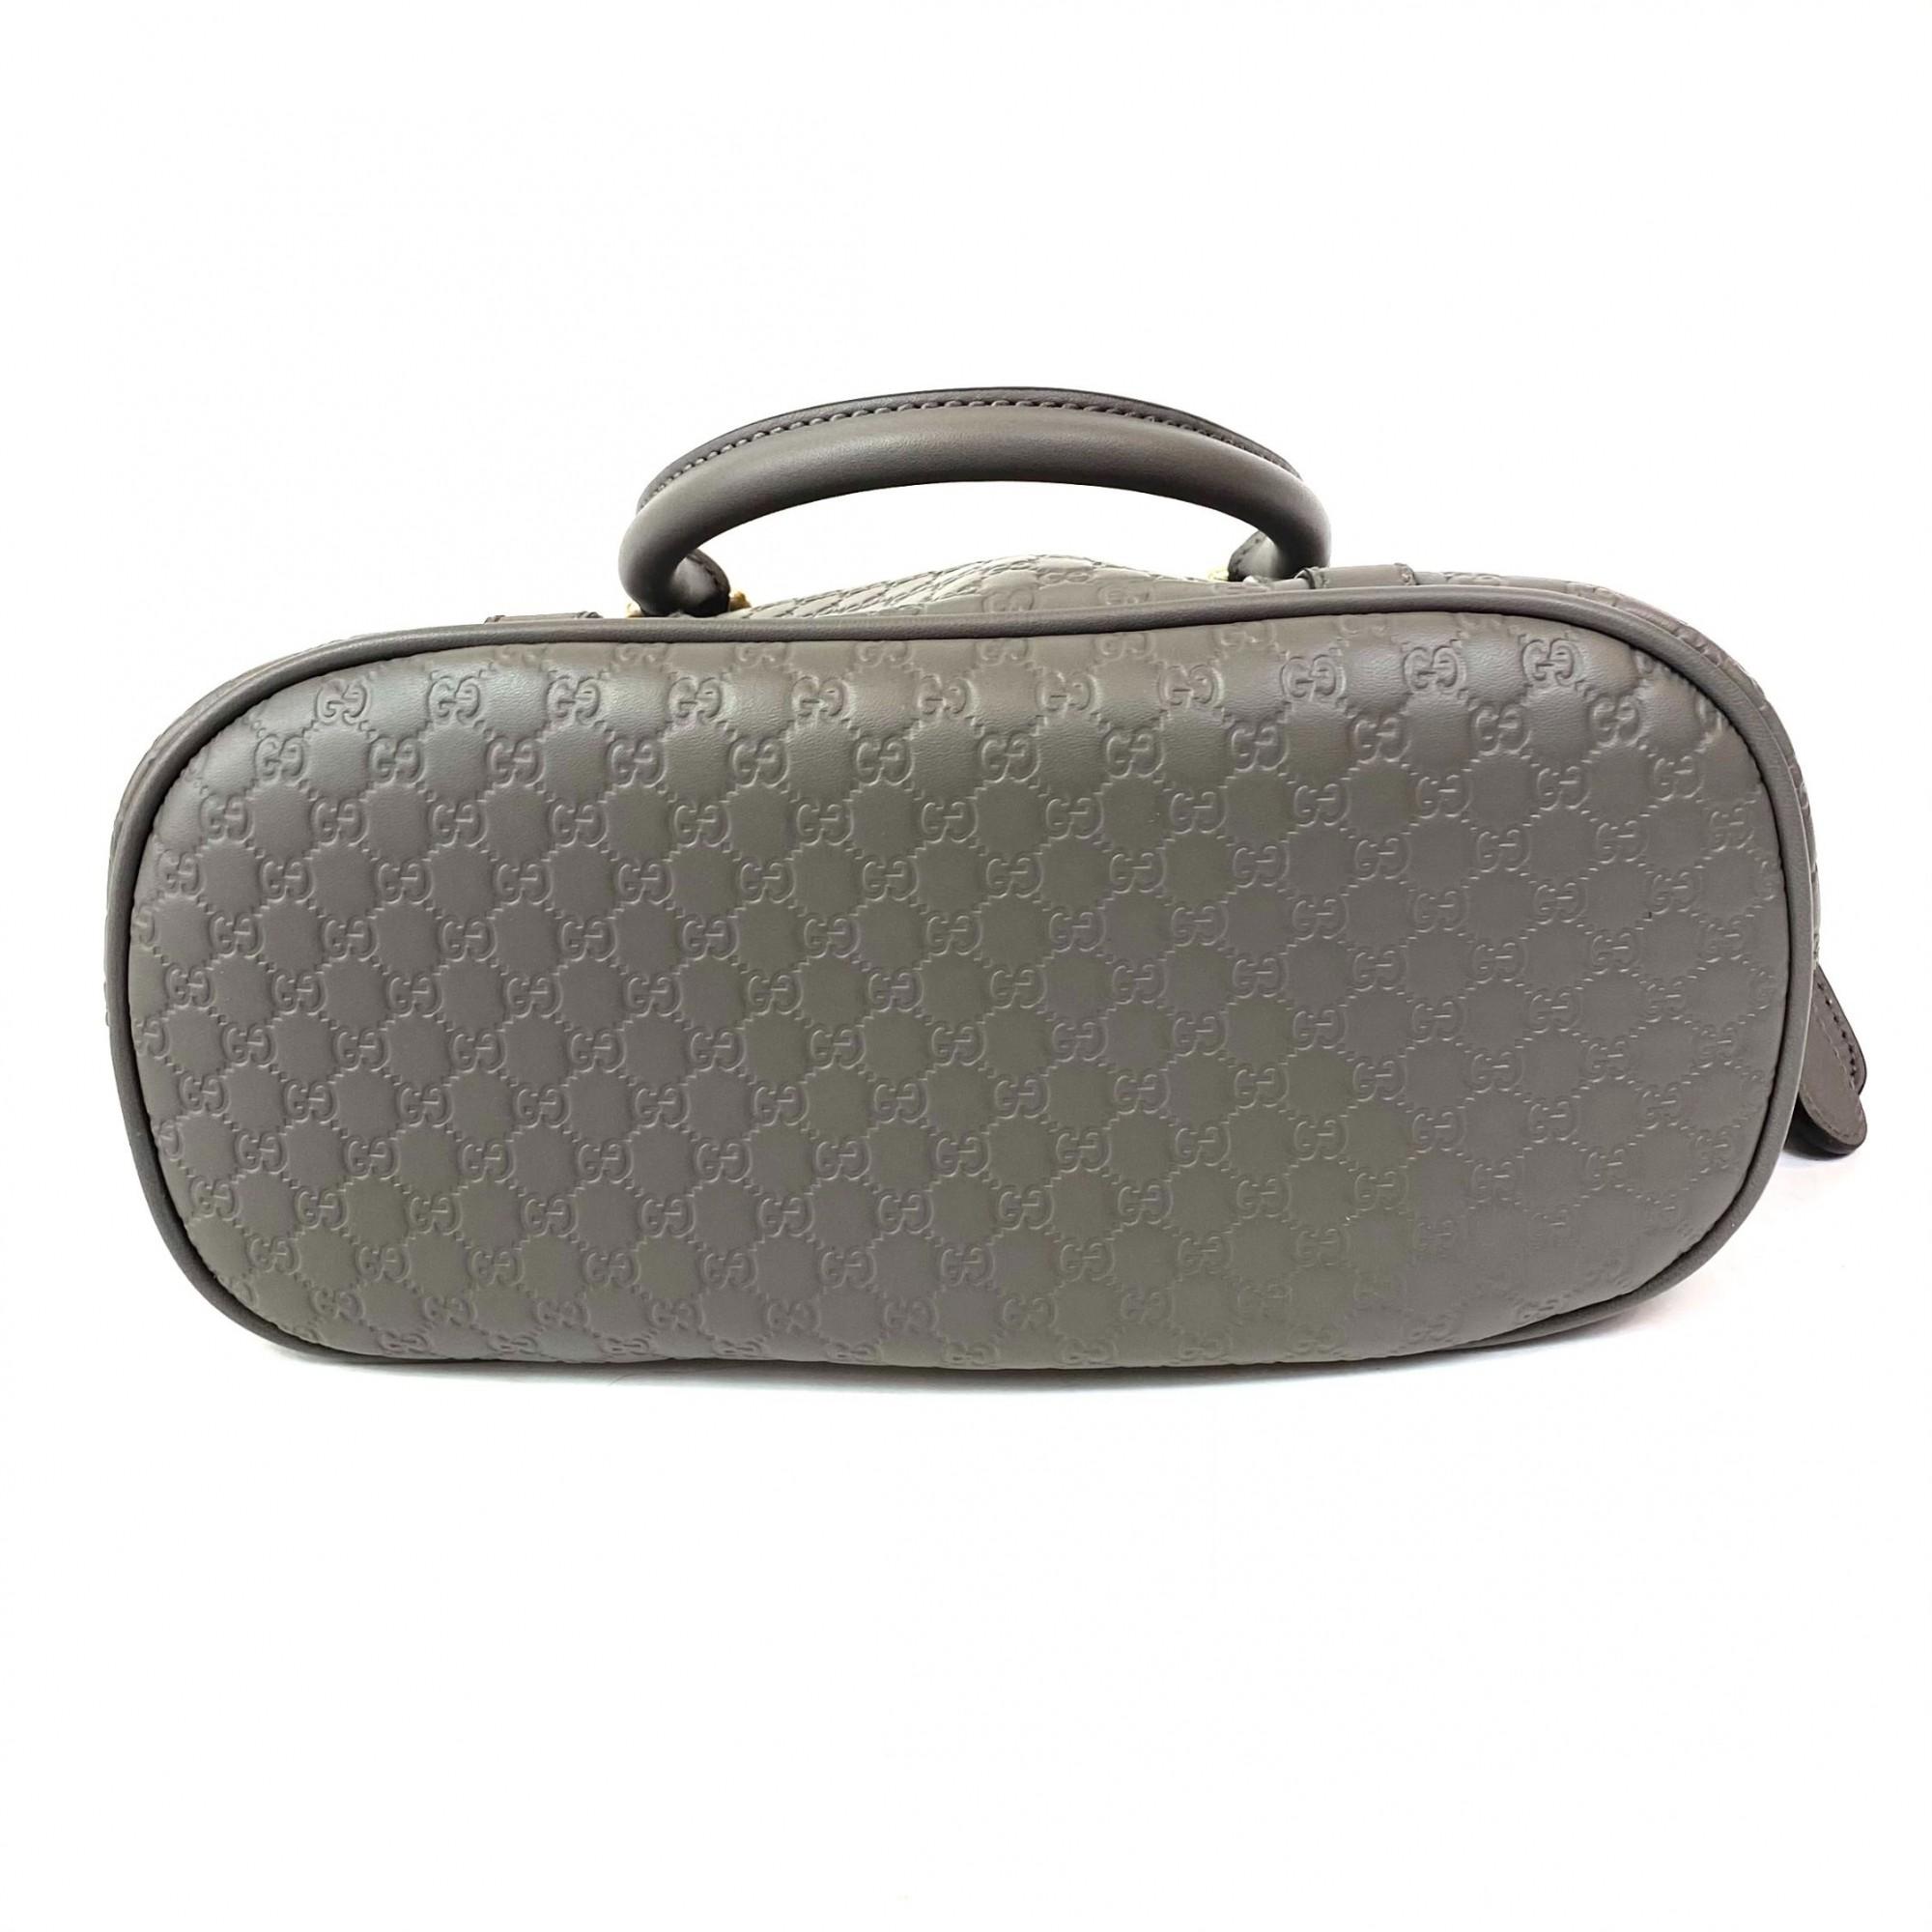 Bolsa Gucci Microguccissima Mini Dome Cinza